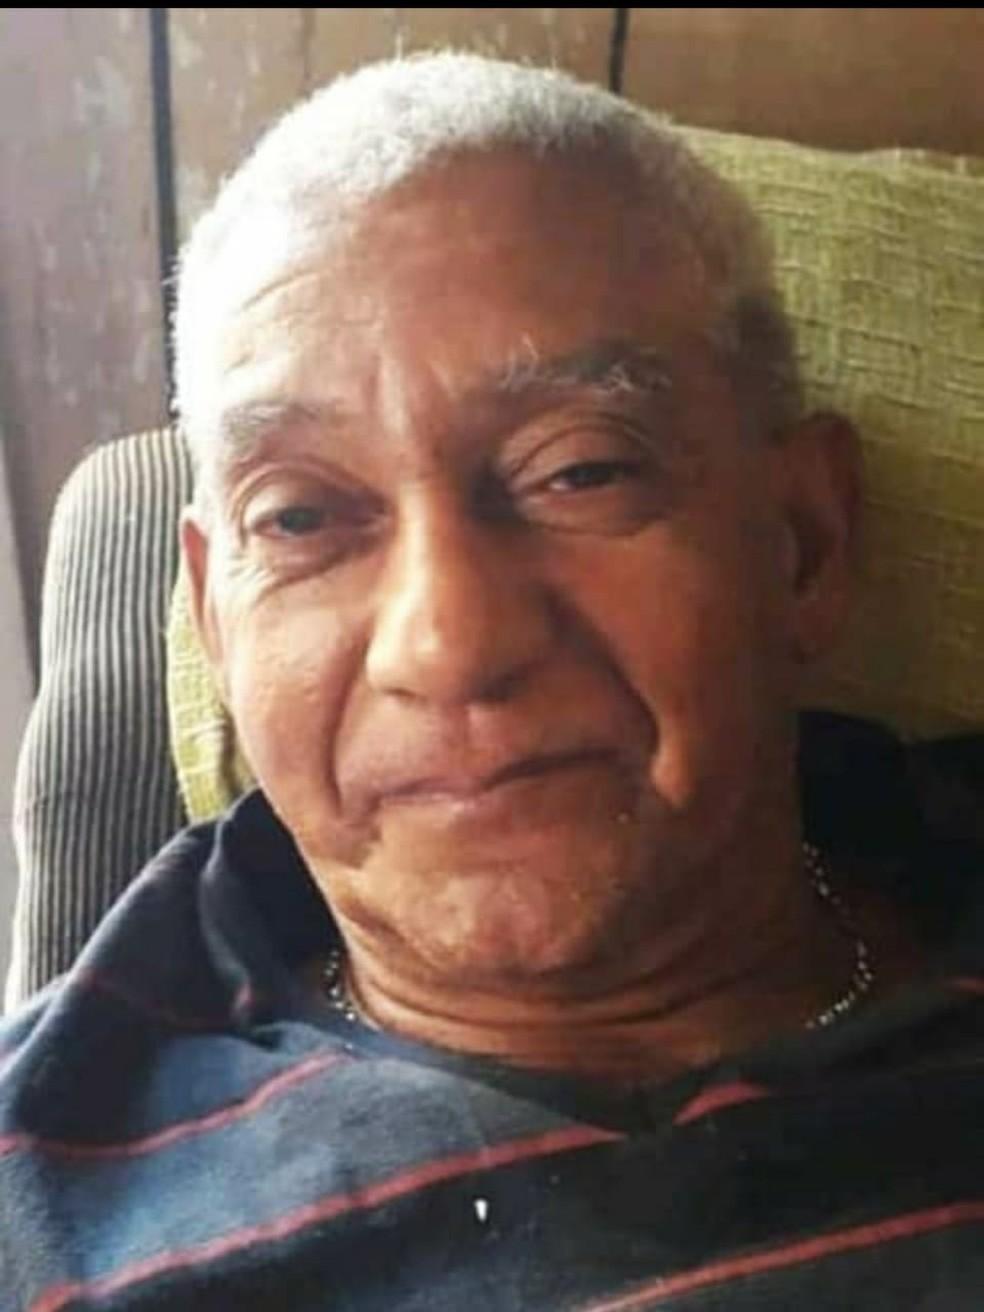 Segundo a família, Elias Nogueira, de 70 anos, vestia essa blusa quando foi visto pela última vez — Foto: Arquivo pessoal